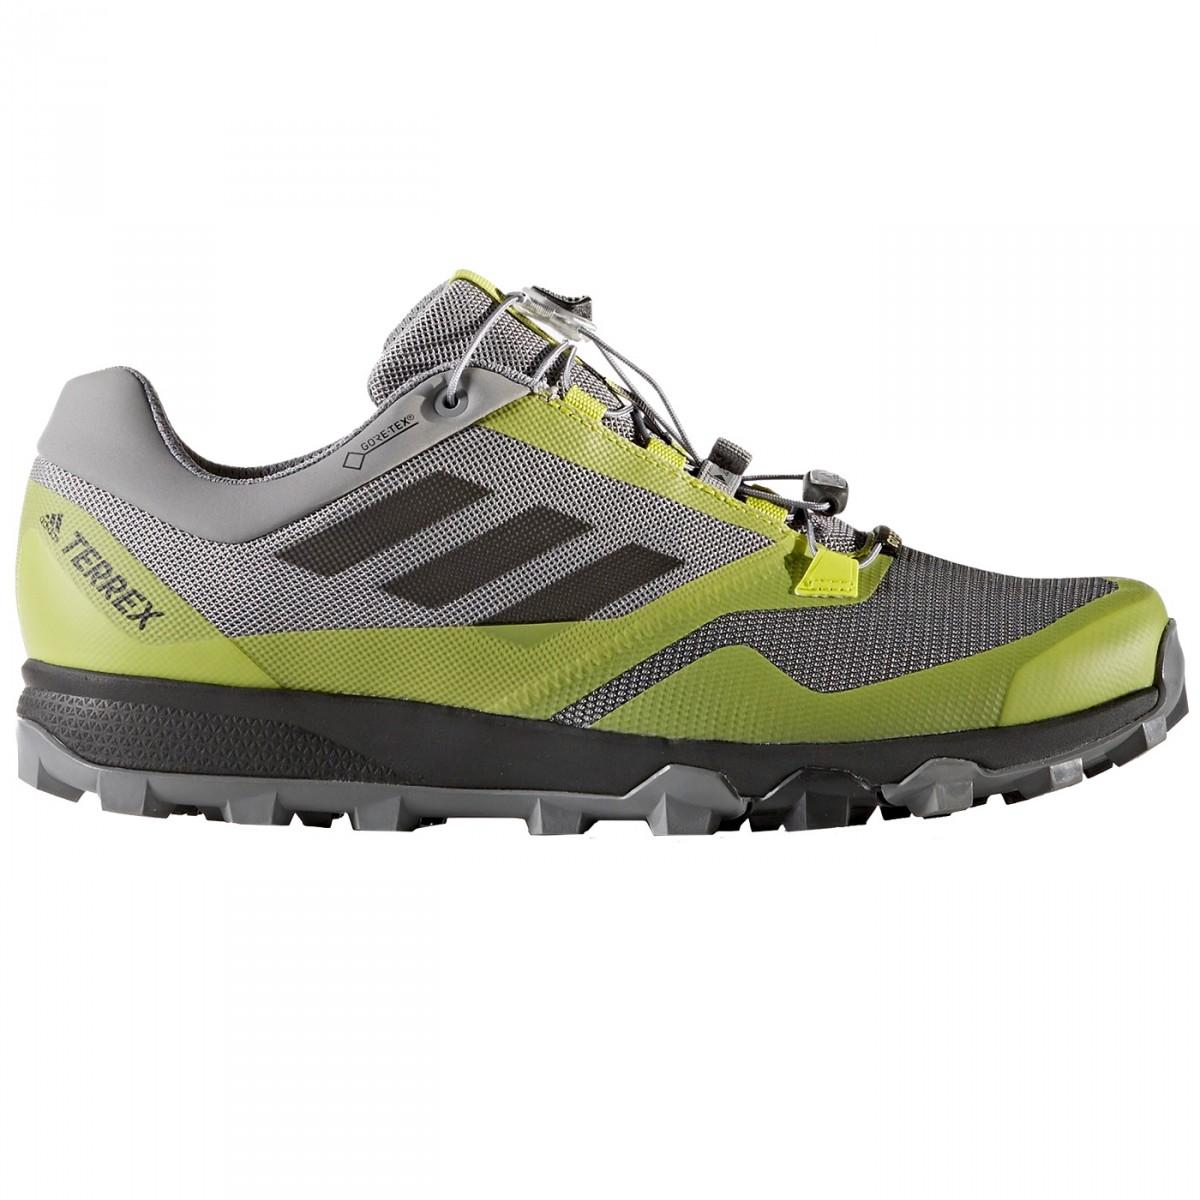 zapatillas treking de hombre adidas